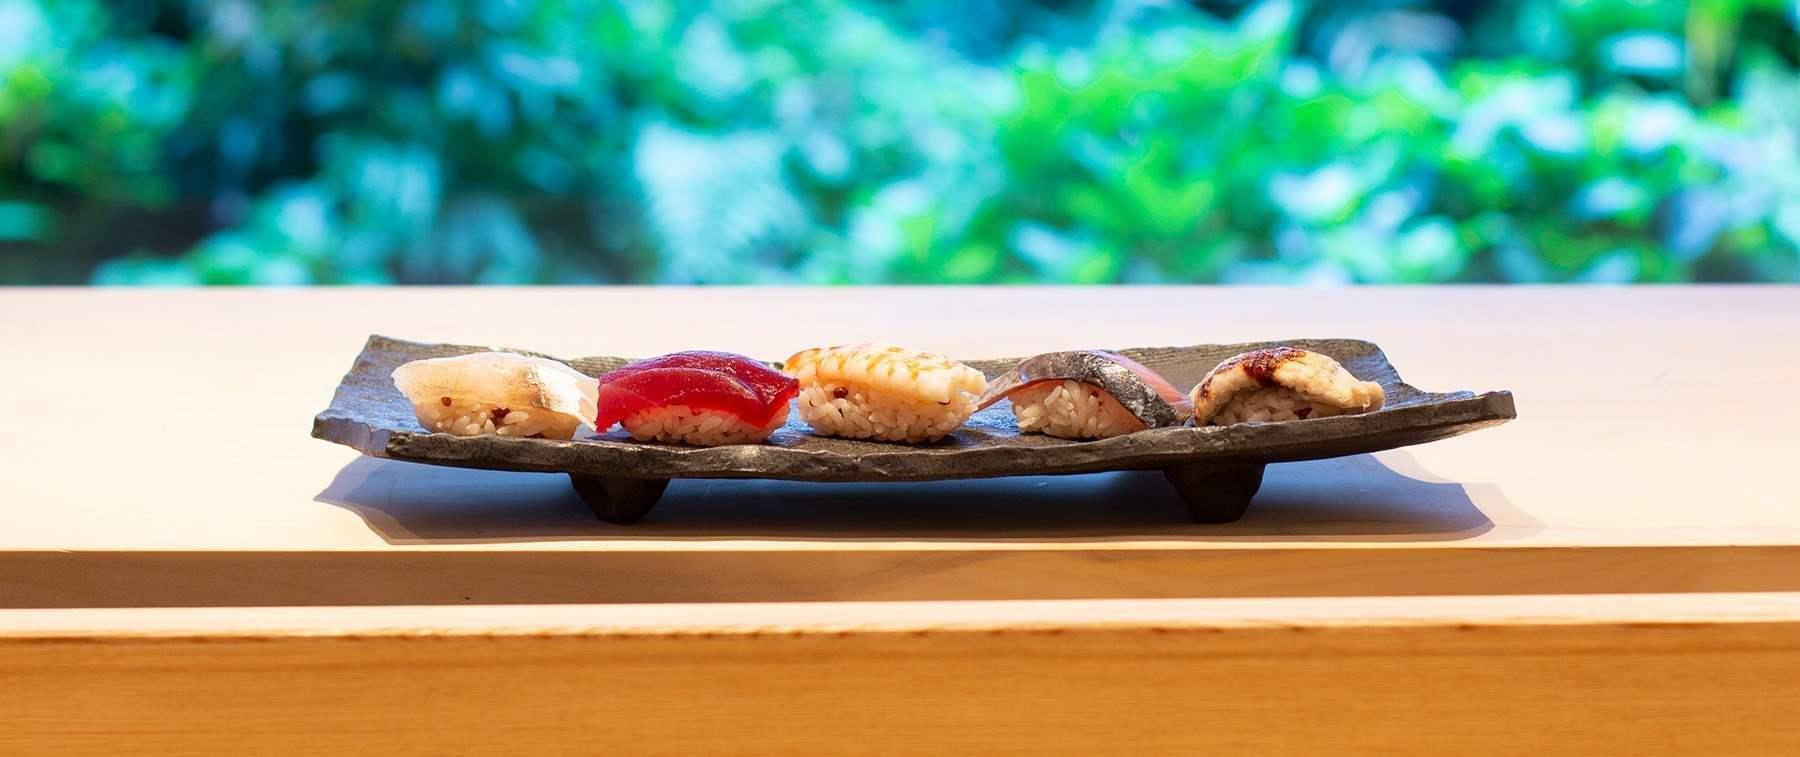 大阪のホテルならウェスティンホテル大阪へ。店内は、会席料理をご提供するテーブル席および個室を備え、割烹カウンターもございます。 さらに、鉄板焼、寿司、天婦羅カウンターの各コーナーに分かれております。 また、個室もご用意。結納やお顔合わせにもご利用いただけます。